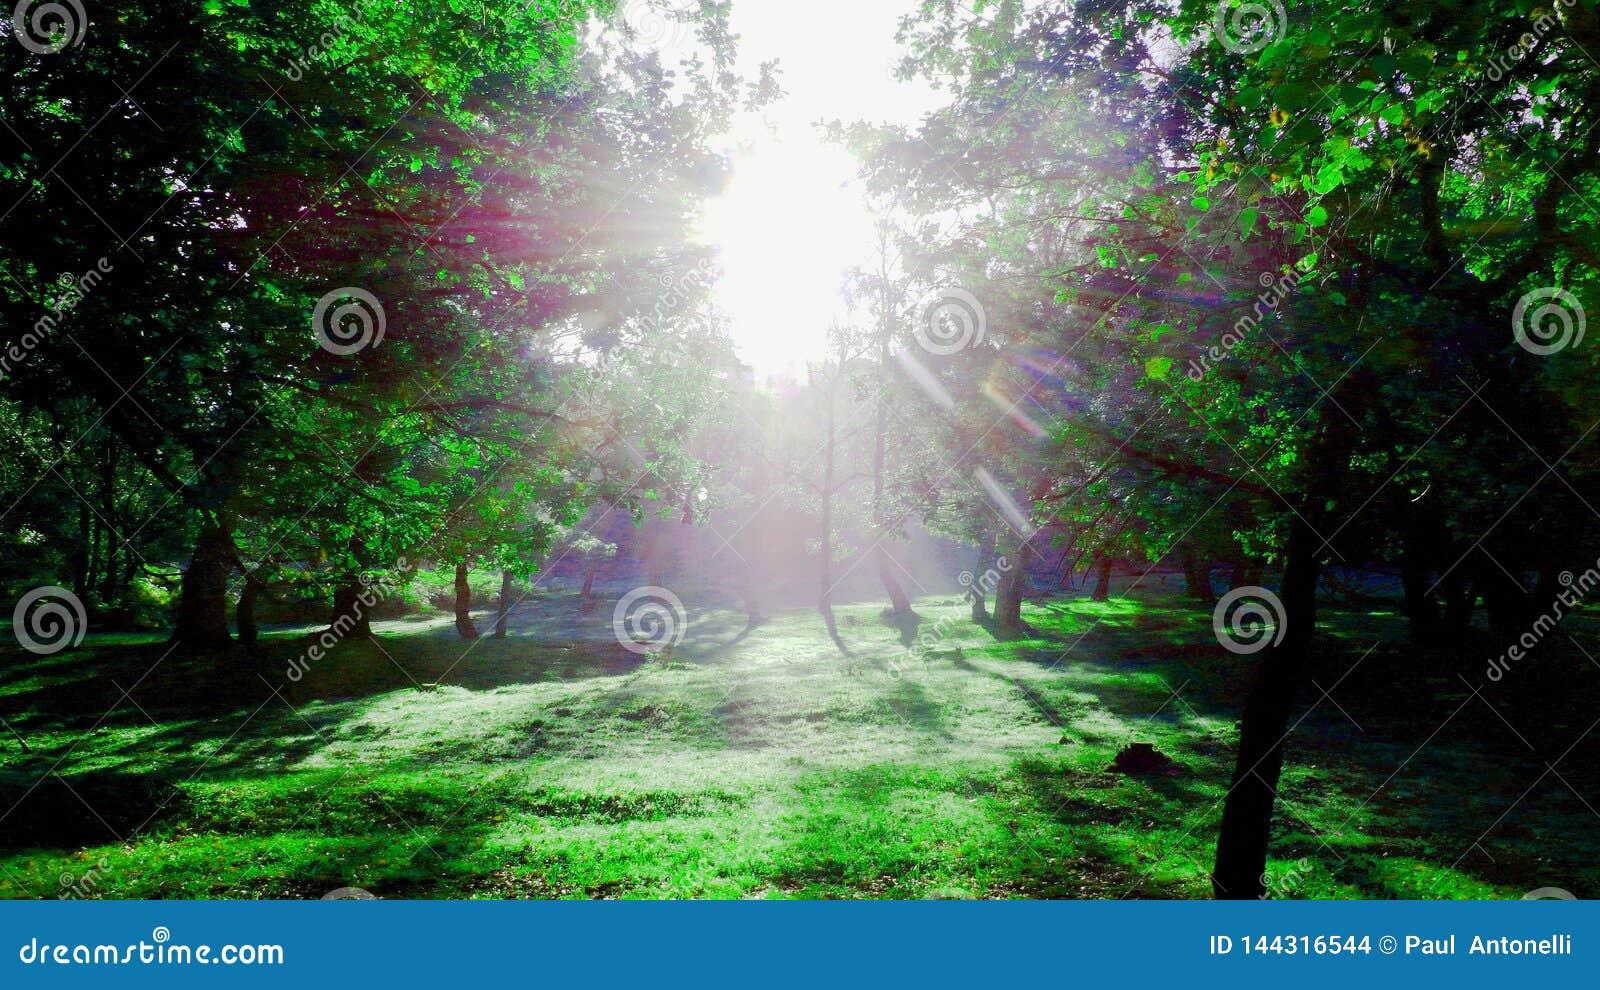 Artistic morning sunlight version 1